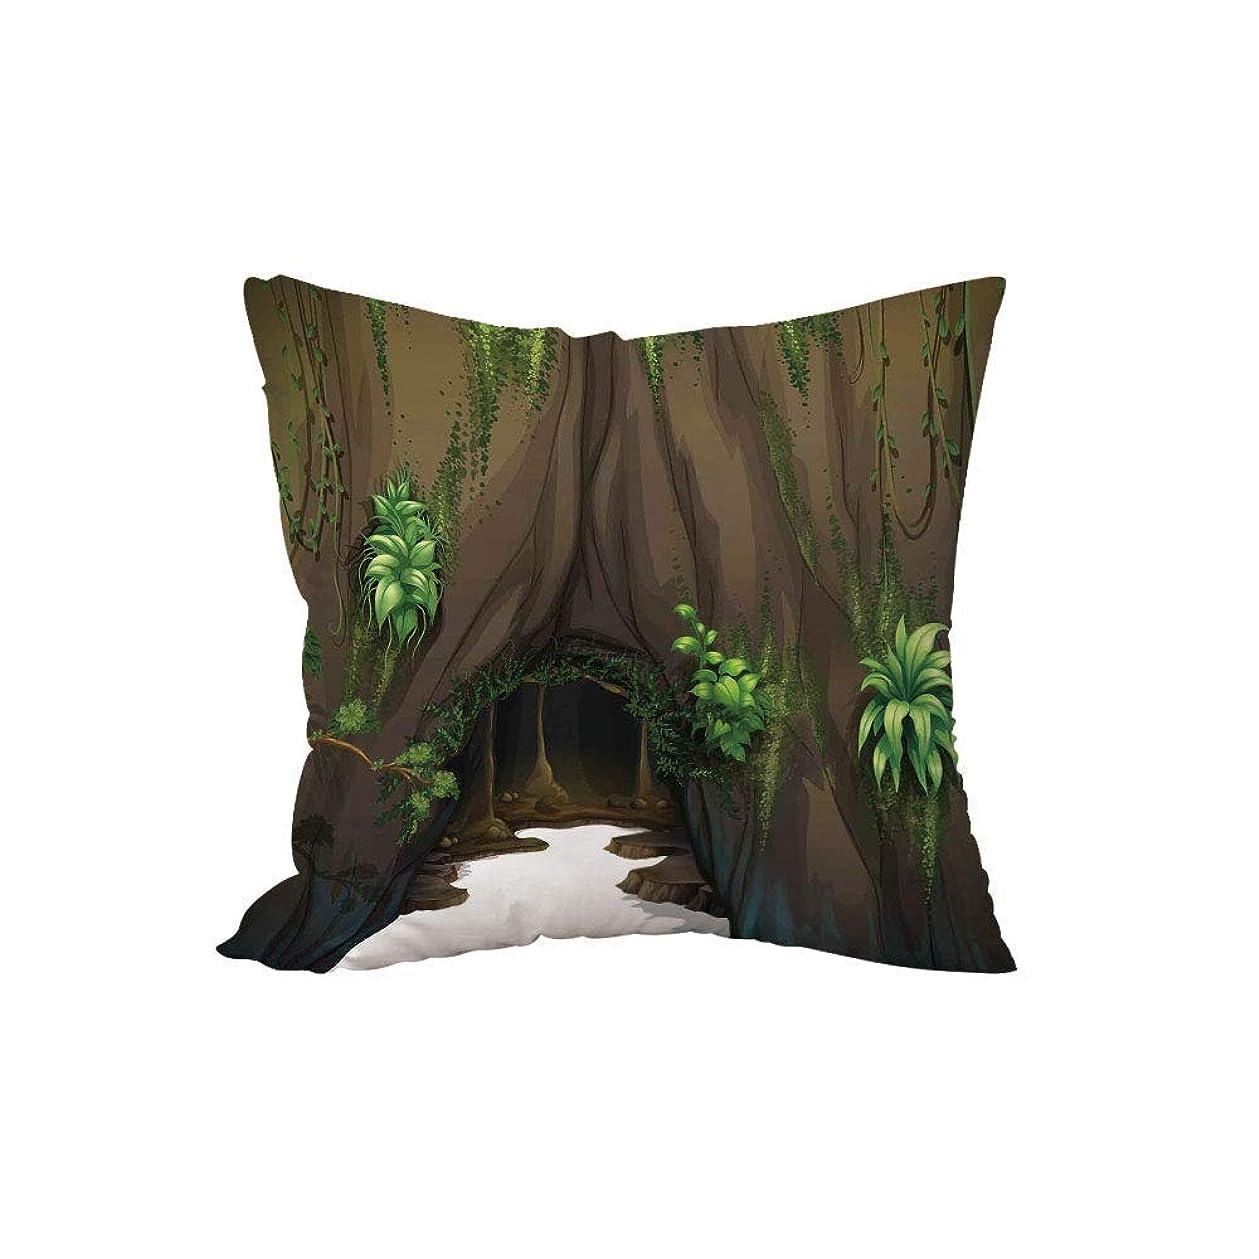 暖かく天の主導権ポリエステル投げ枕クッション、自然、モスウッドランドグリーンファンタジーシークレットワールドの漫画に囲まれた木の洞窟、シダグリーンチョコレート、.x.es、ソファベッドルームの車を飾るh \ w:18in * 18in